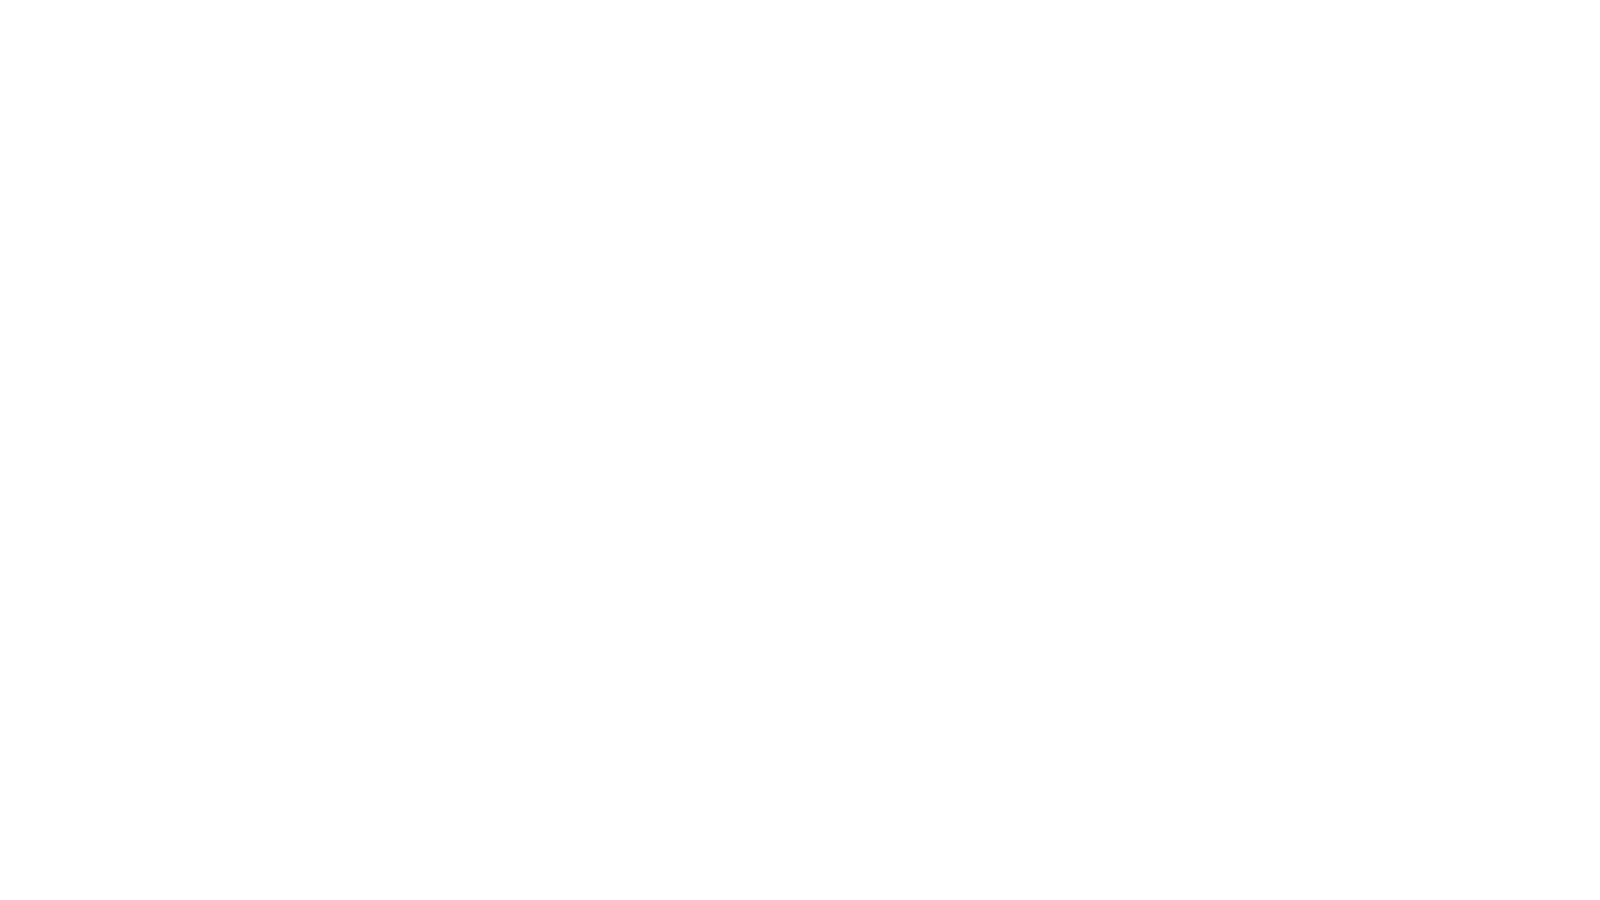 На видео производятся работы по демонтажу кровли и стеновых панелей склада более 6 тыс кв.м. для приведения его в соответствие  градостроительным нормам.  💻 https://zemli-pro.ru/ 📞 8 495 77-100-17  #ЗемлиПро #строительство #стройка #разрешениенастроительство #быстровозводимый #склад #логистика #проектирование #изысканиядлястроительства